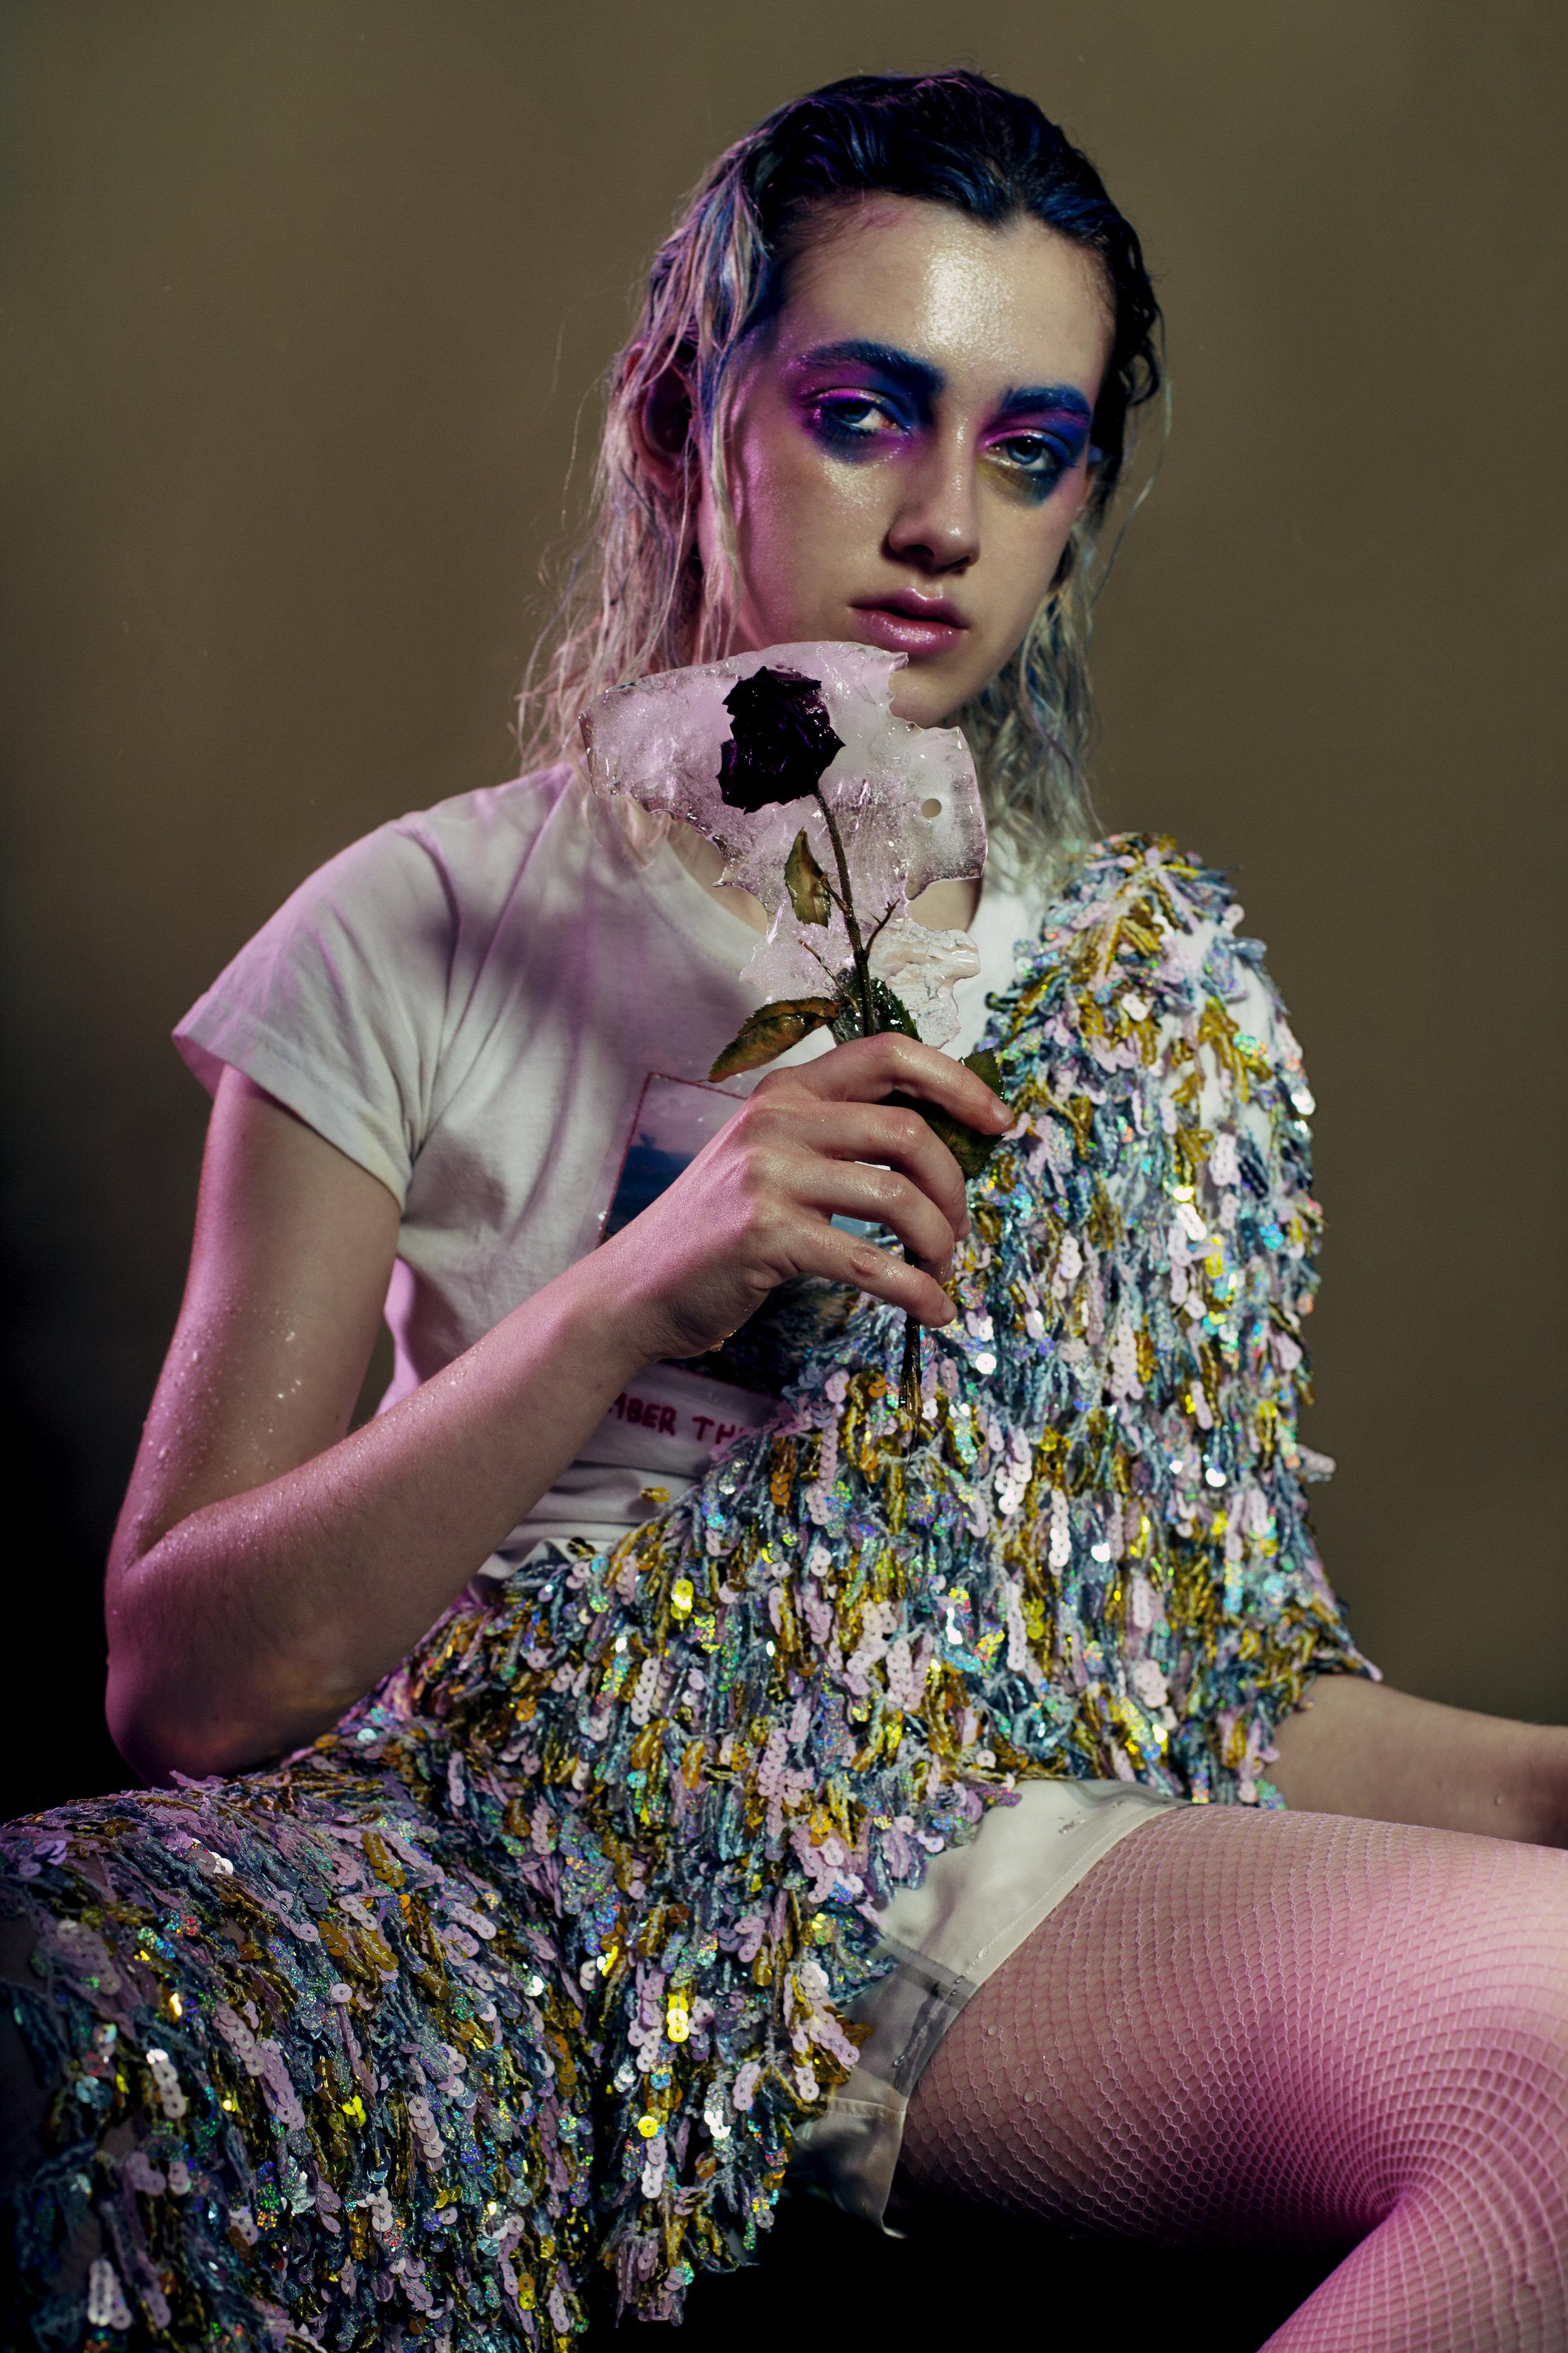 Glacier Girl for Vivienne Westwood